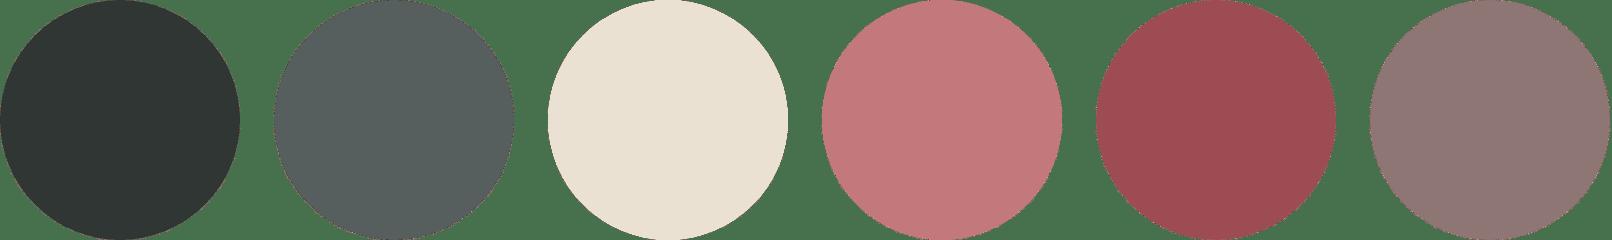 Kleuren-home04